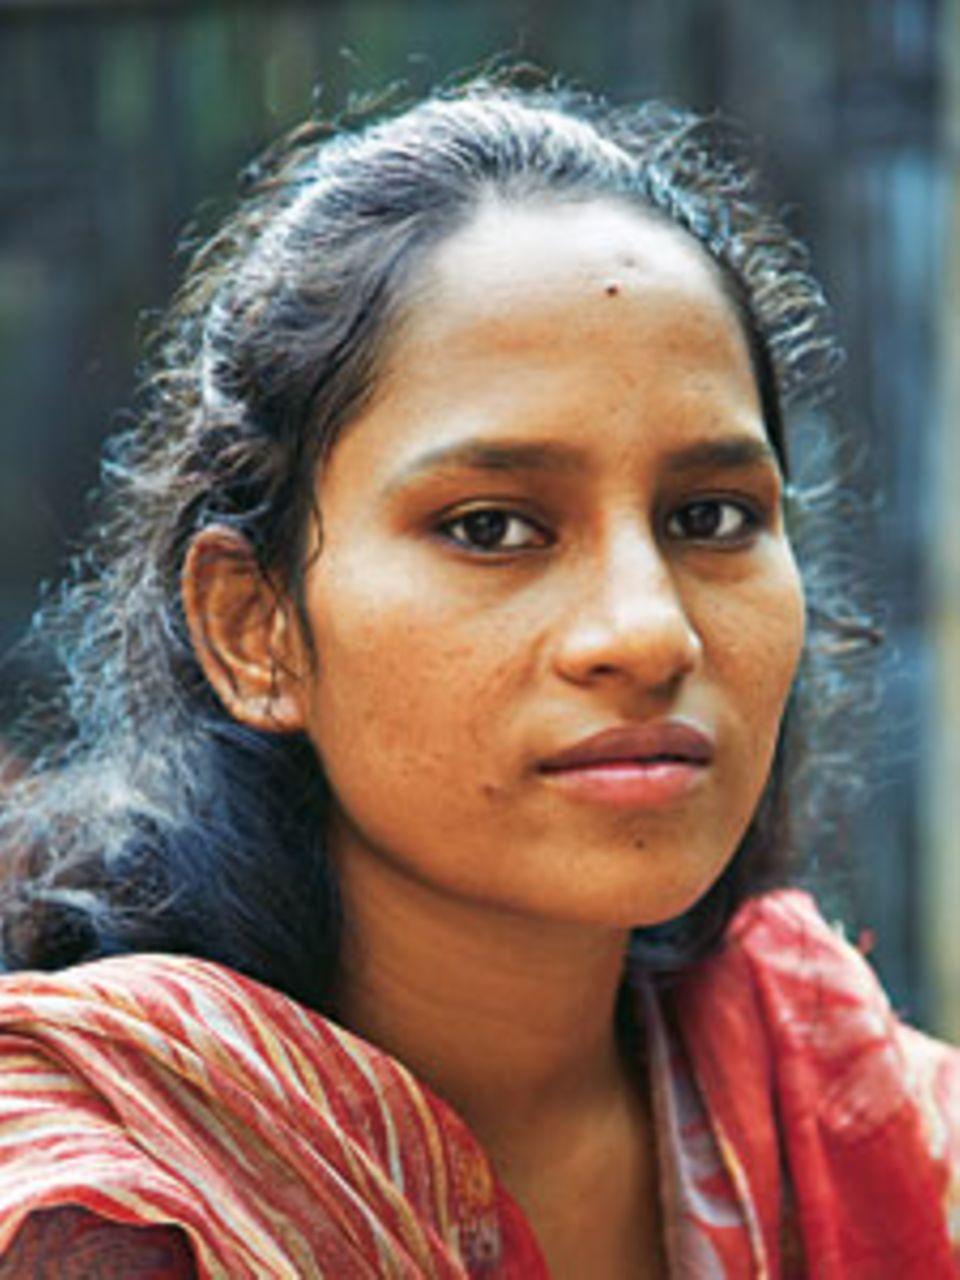 Shiren Akther sollte mit 13 ihren Cousin heiraten, die Kinder retteten sie. Jetzt ist sie selbst Aktivistin.